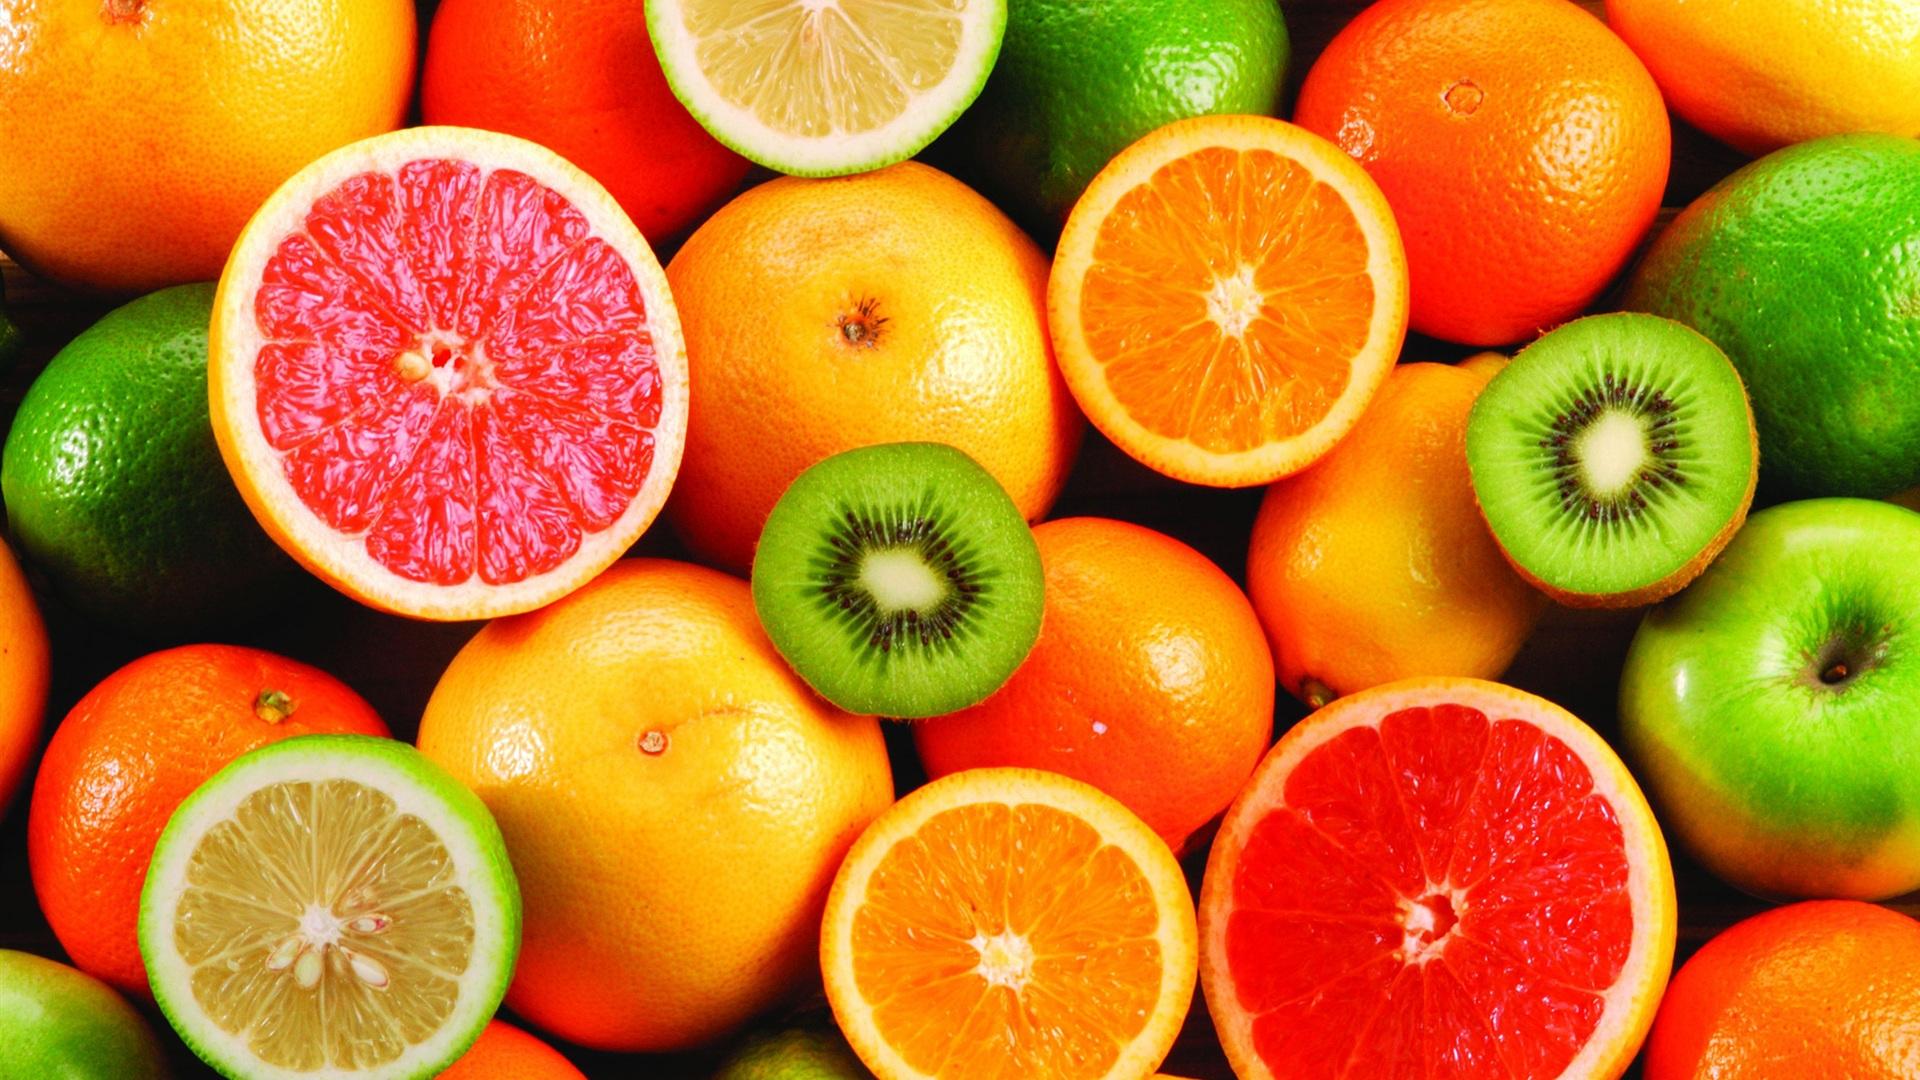 Wallpaper fruit hd - Wallpaper Fruit Hd